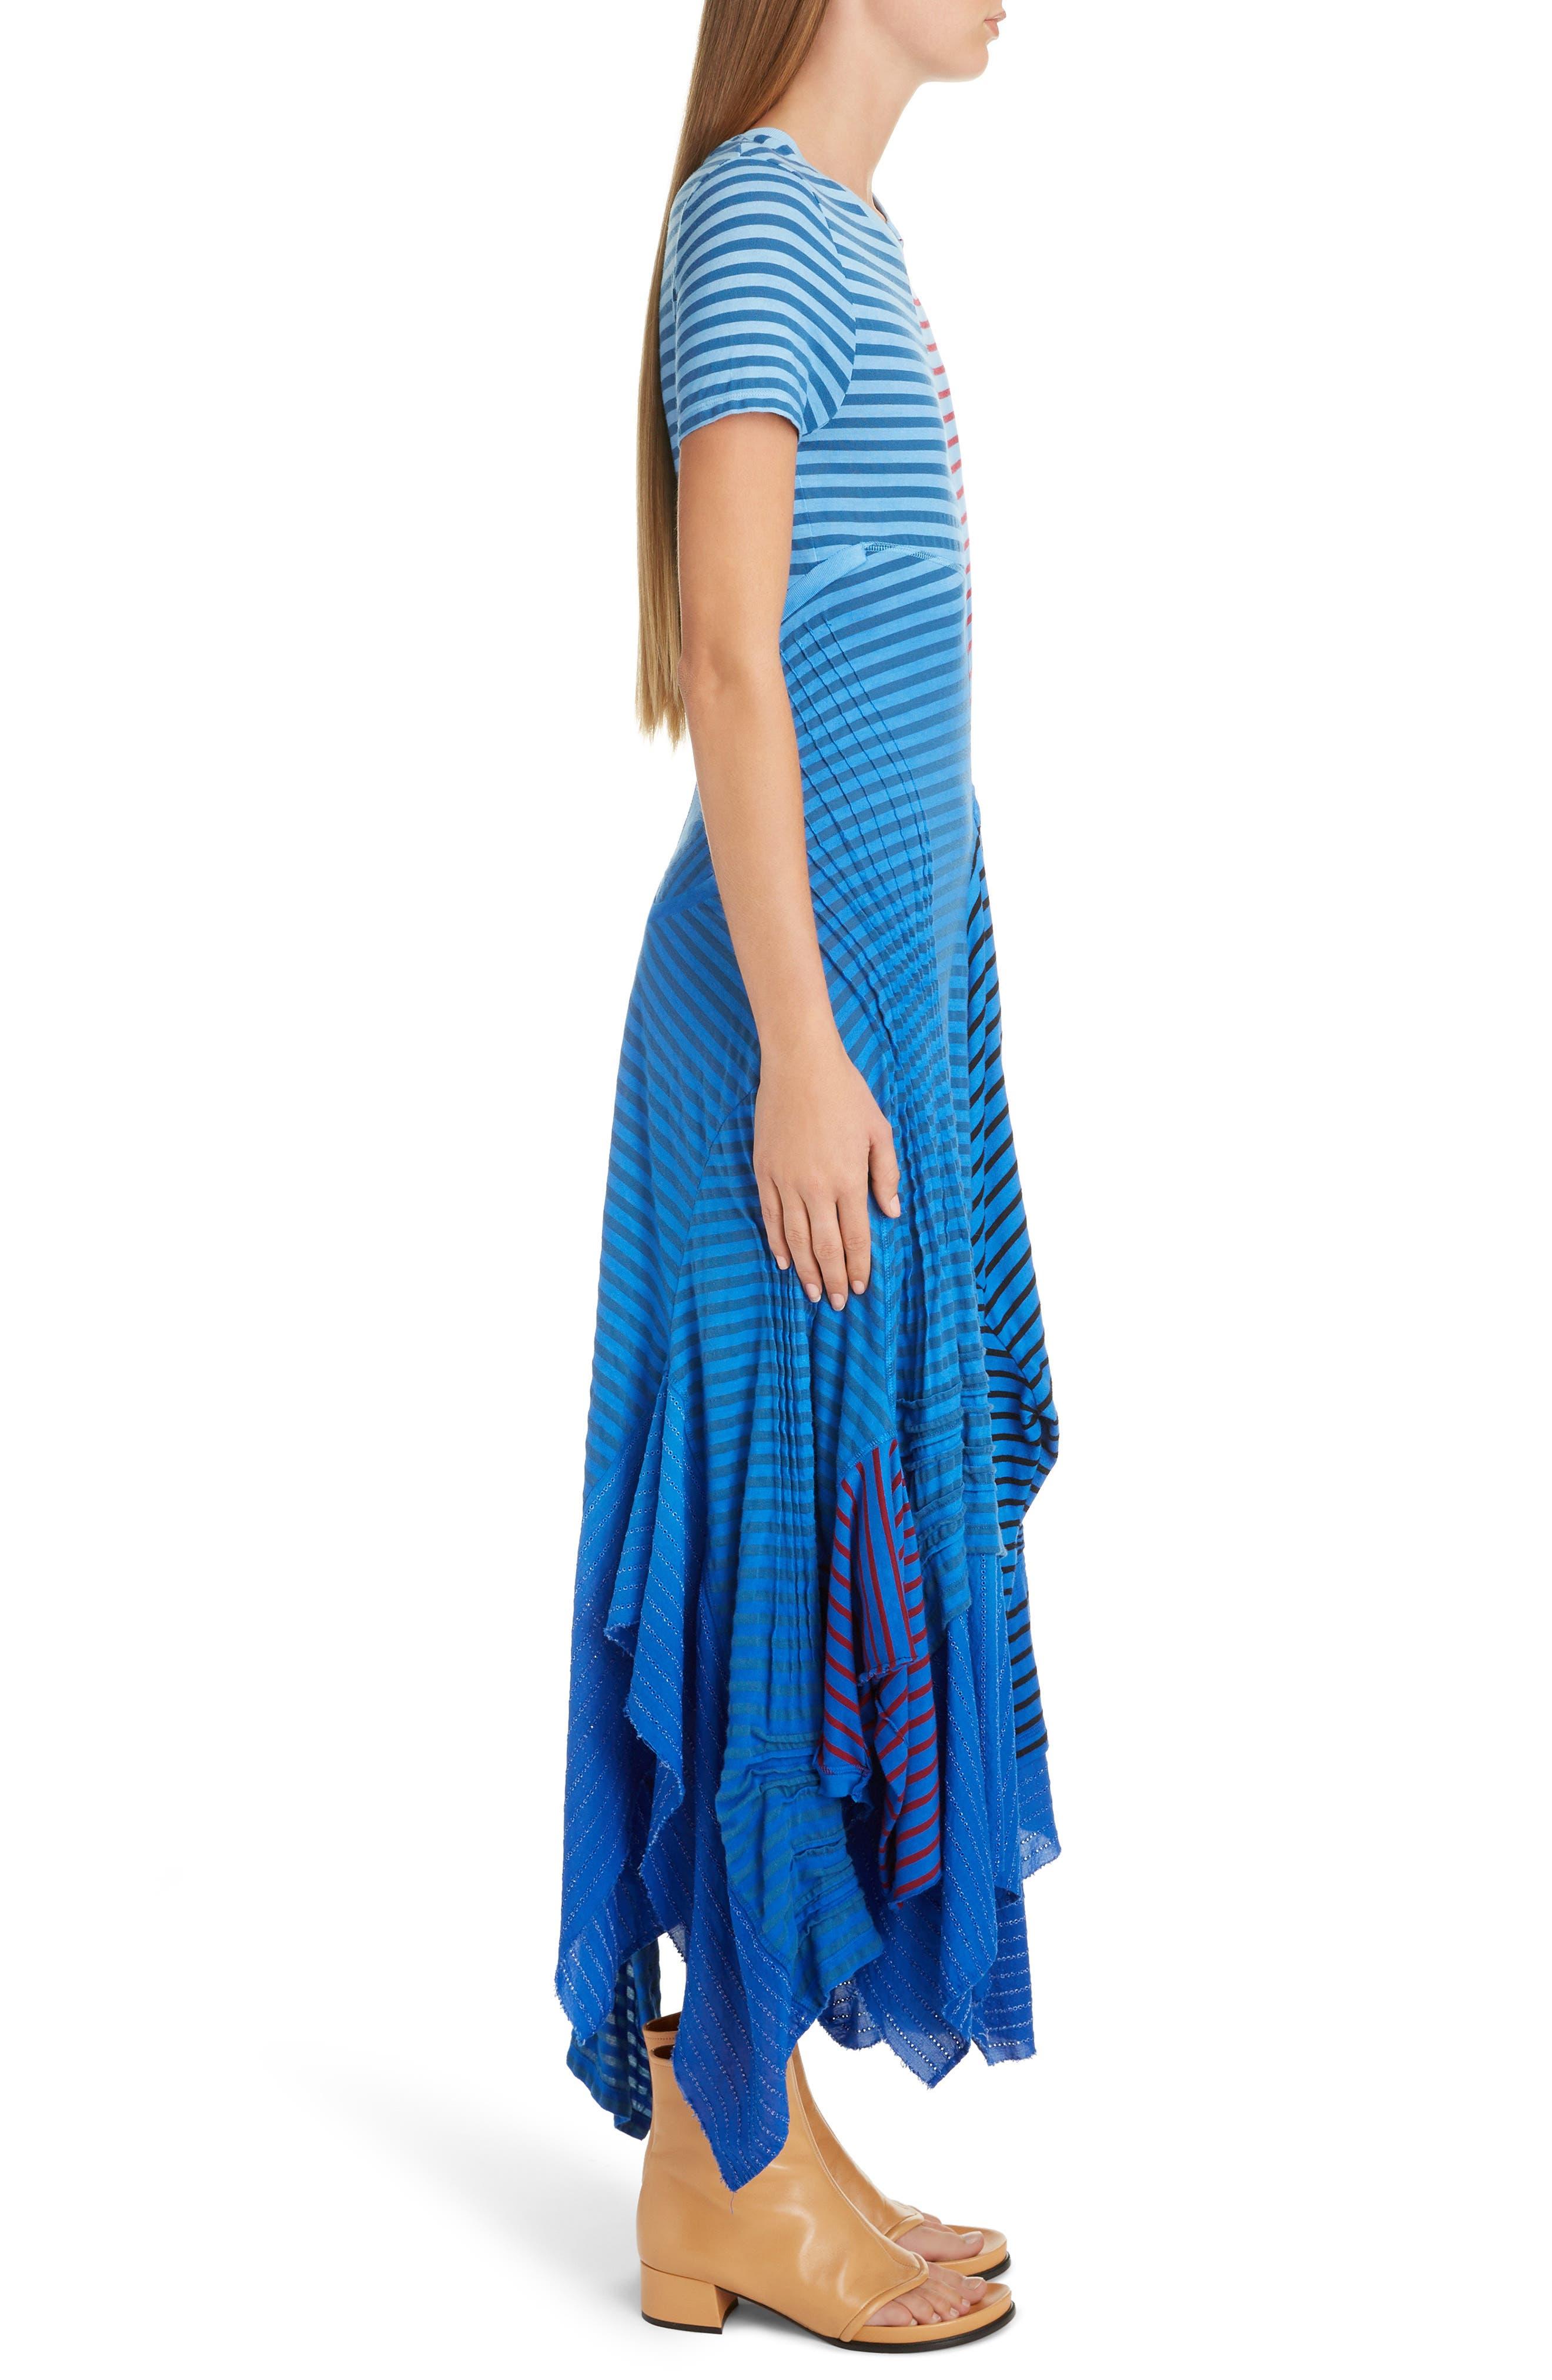 LOEWE,                             Stripe Tie Dye Asymmetrical Dress,                             Alternate thumbnail 3, color,                             5100 BLUE